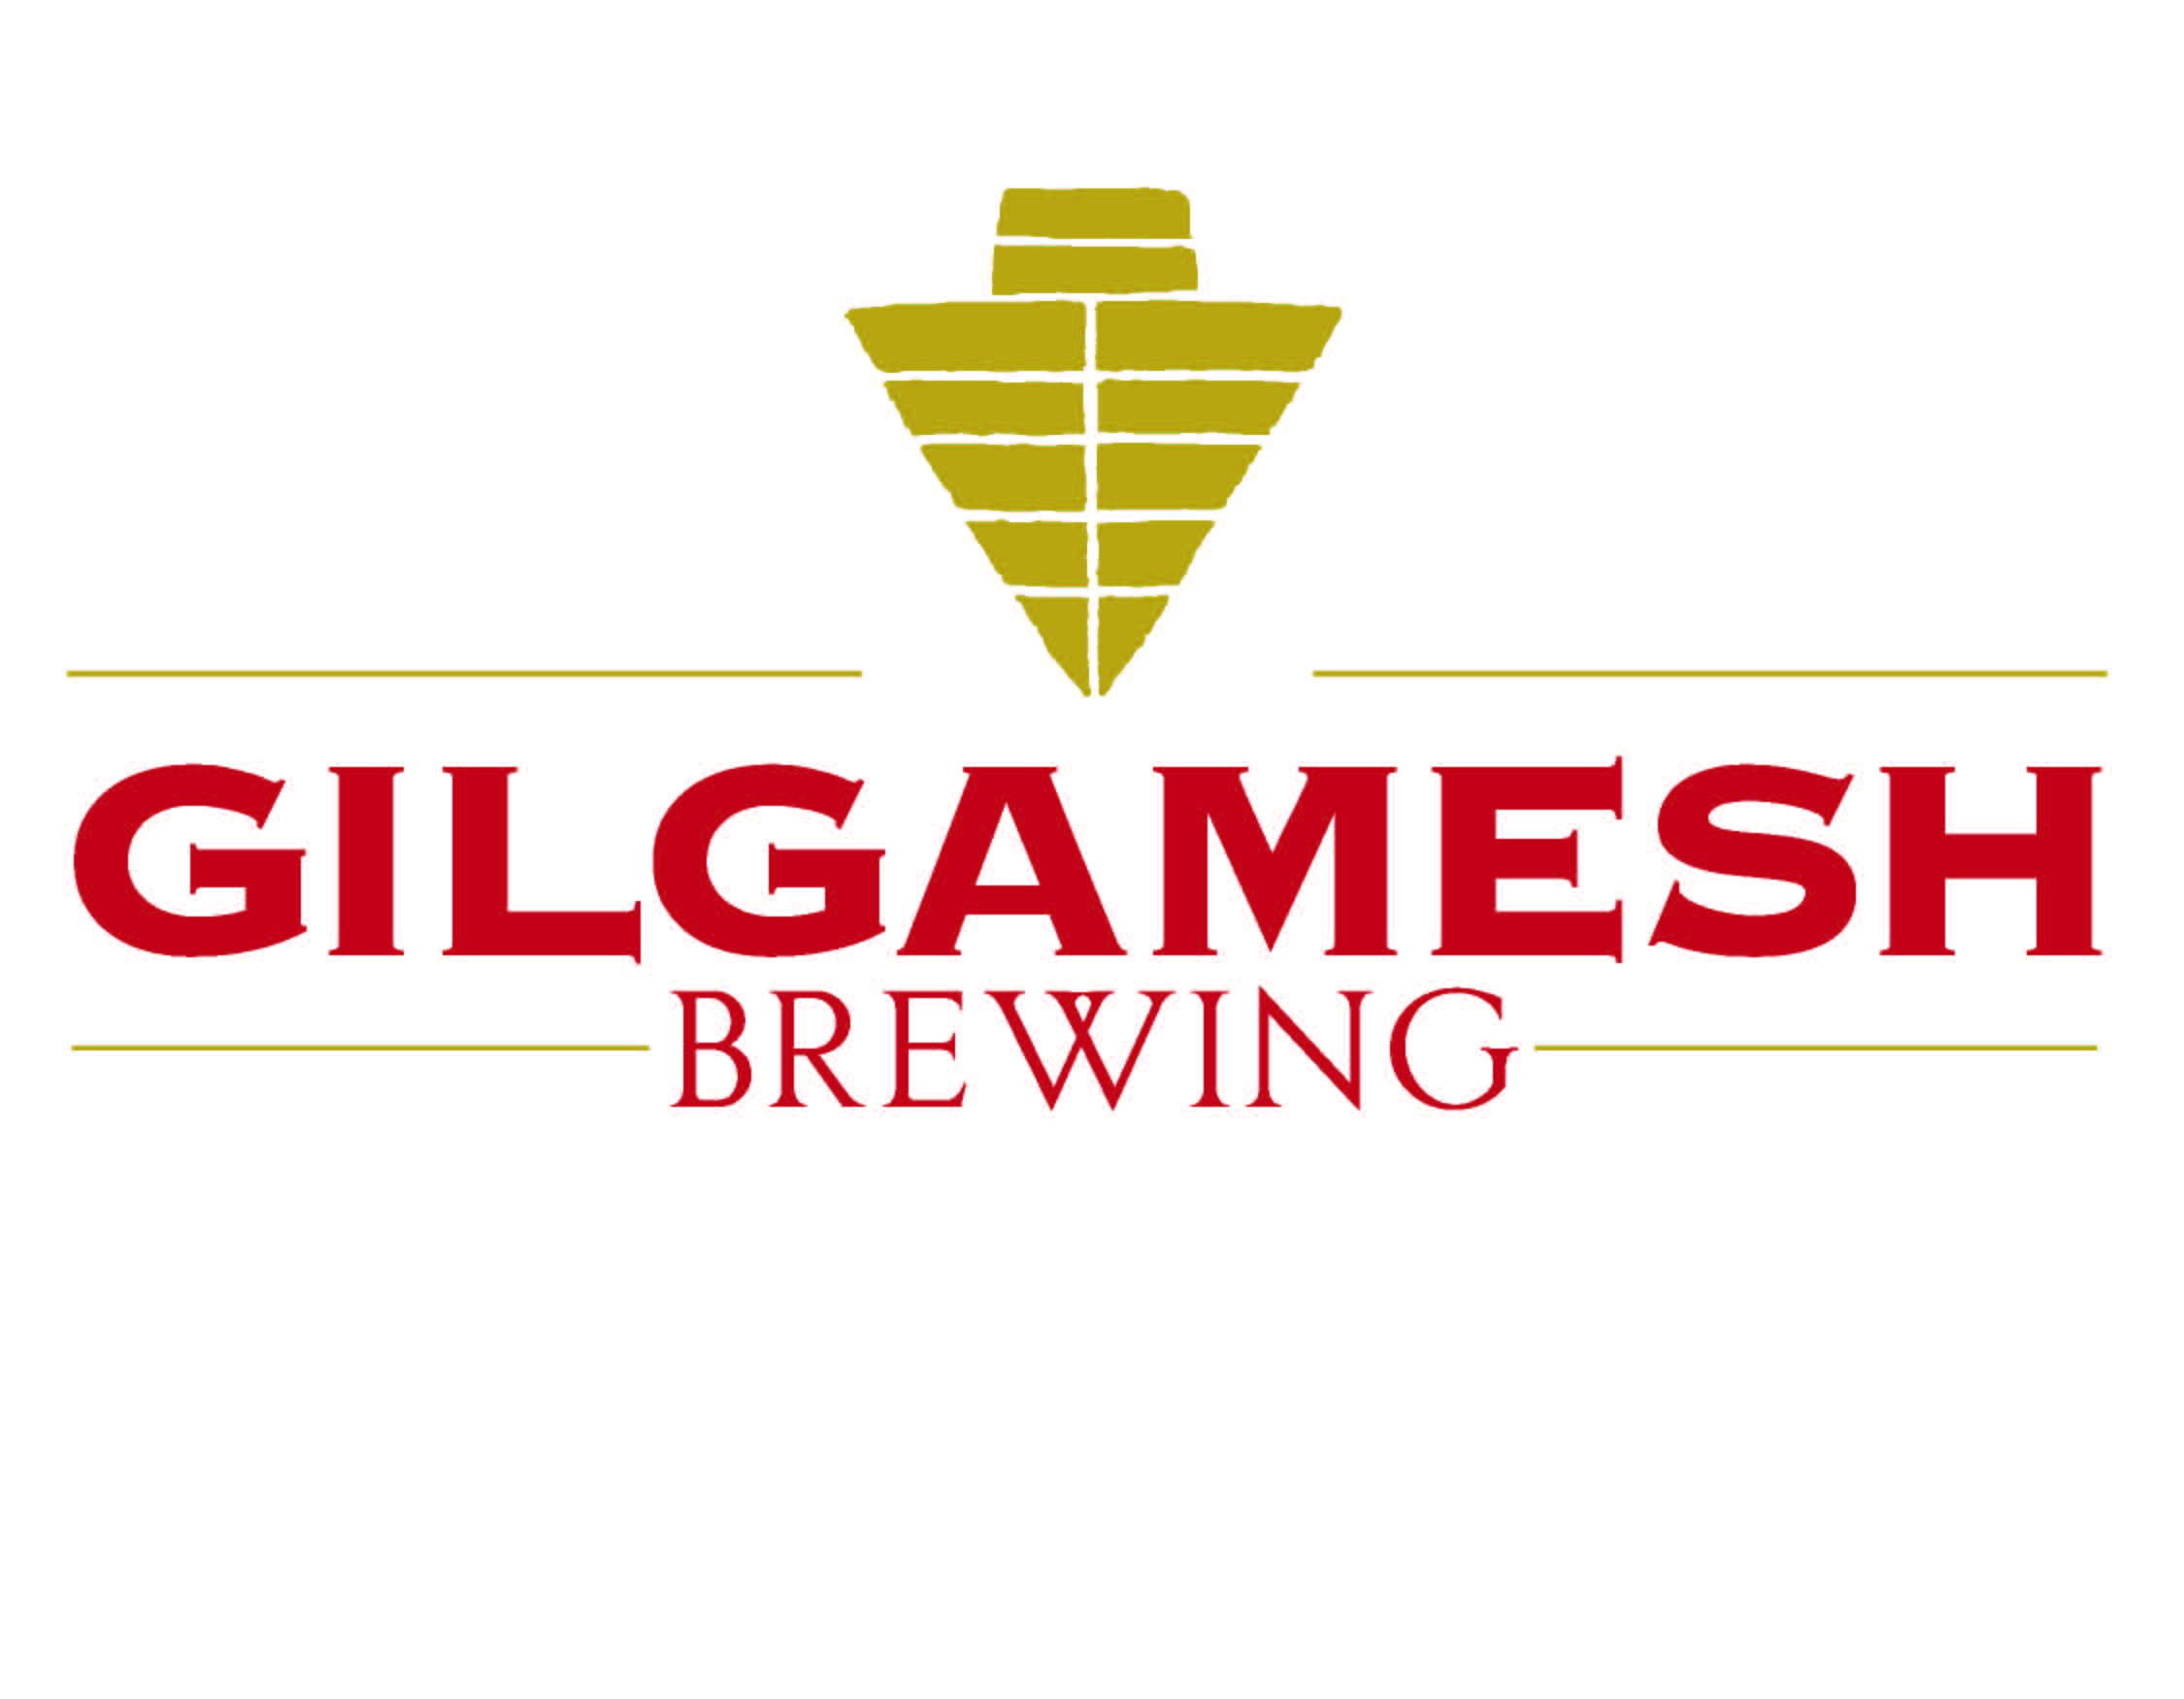 Gilgamesh Brewing